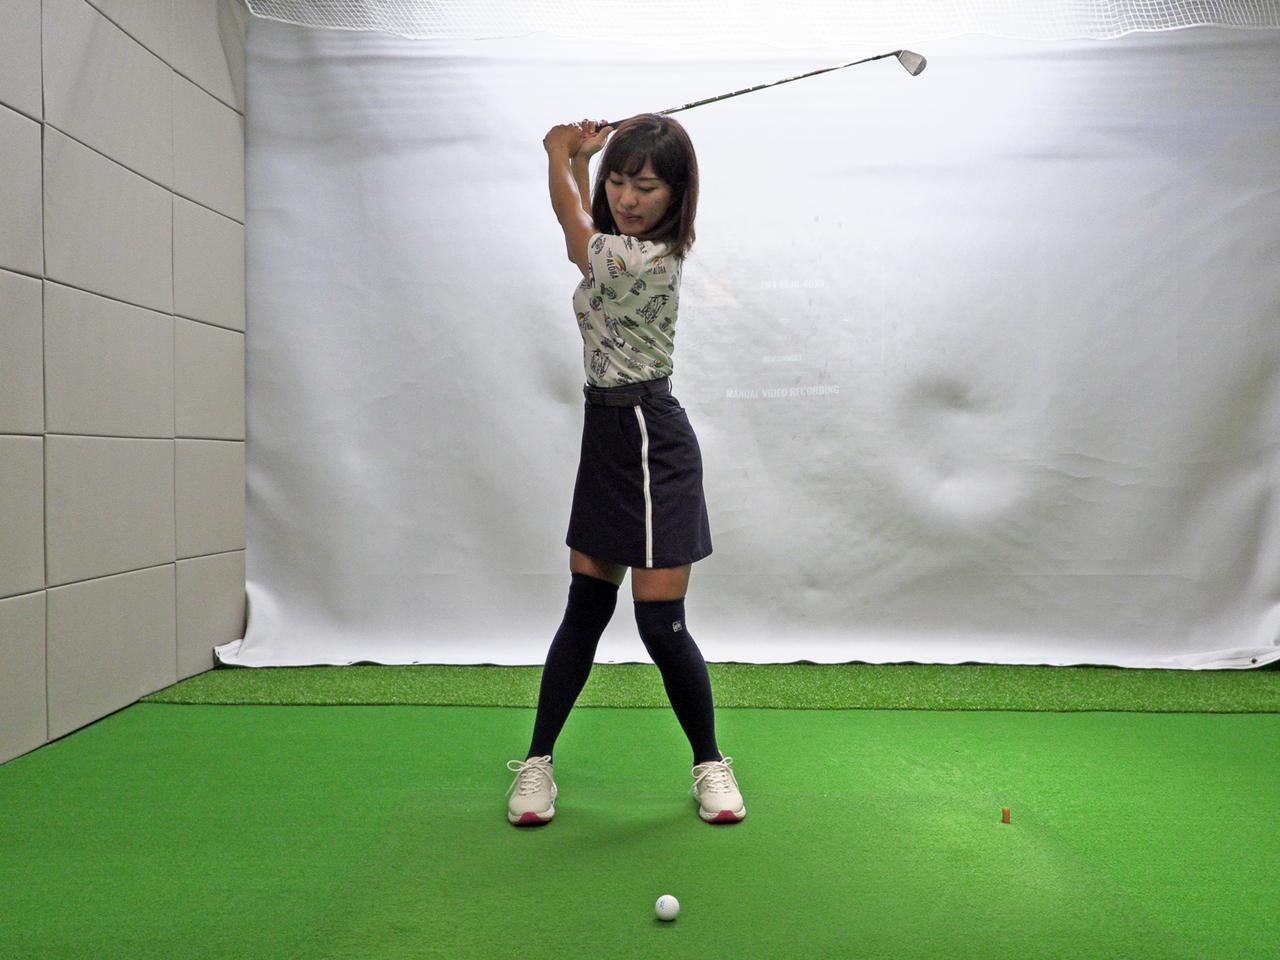 画像: 左軸タイプは左6:右4でアドレスし、バックスウィングで7:3とさらに左足に乗る。左ひざを曲げてクラブを上げることで頭の位置もキープしやすいという。トップで左足、左股関節、左肩が一直線に並ぶようなイメージだ